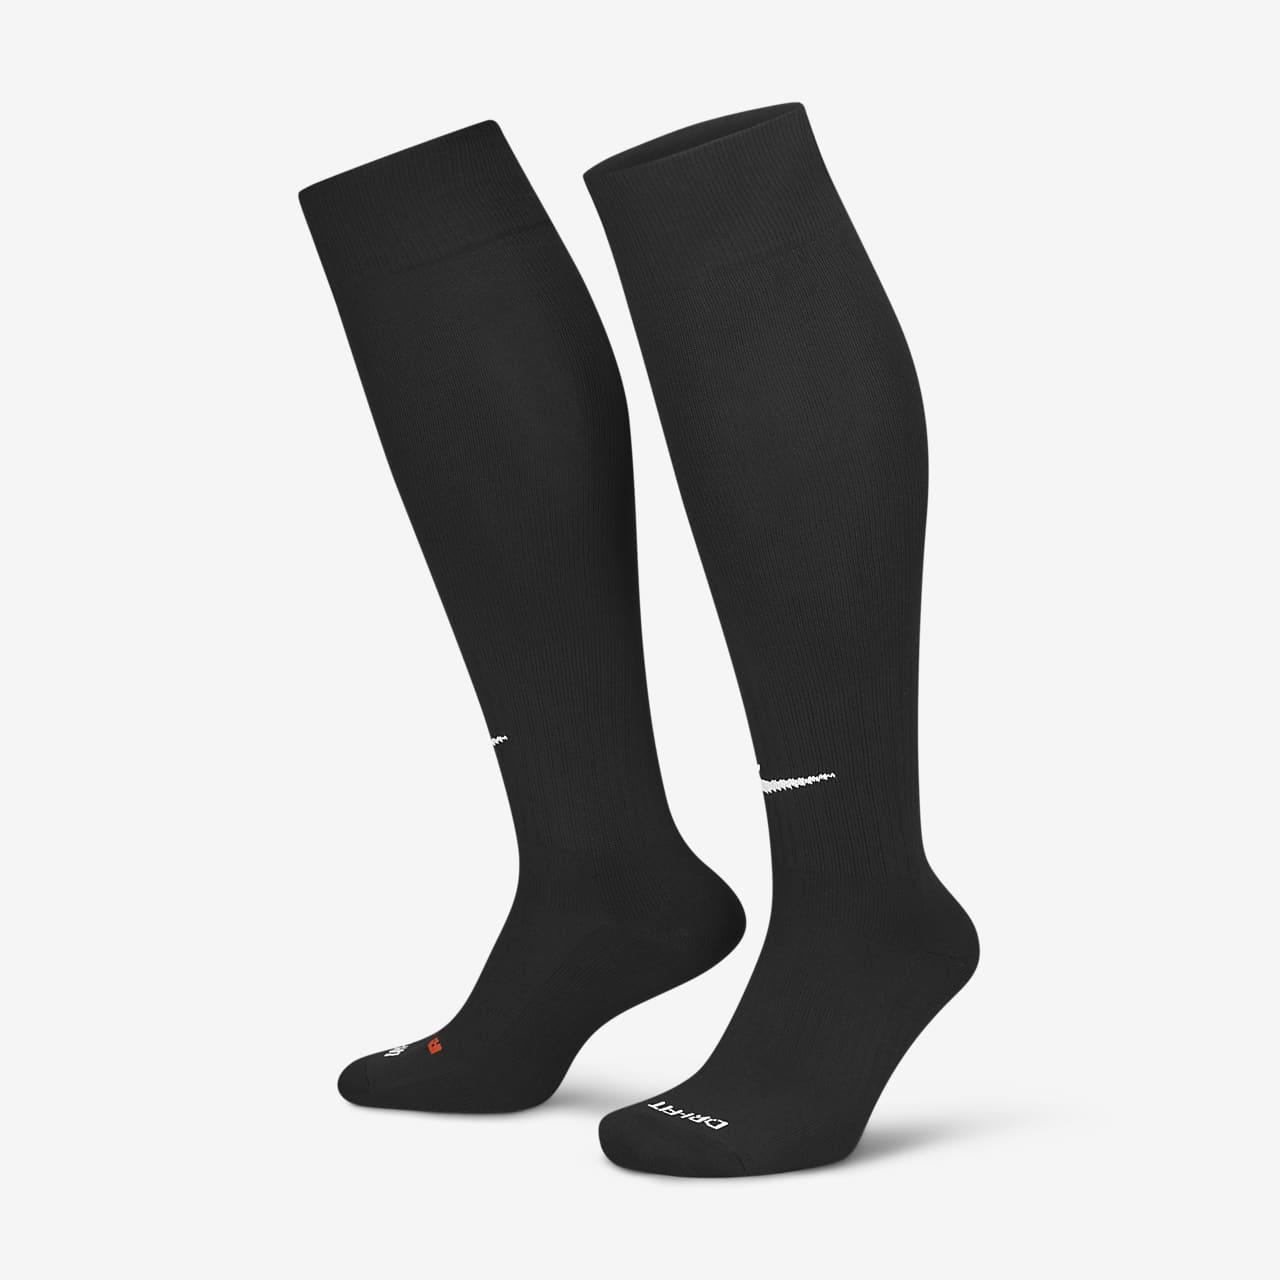 Nike Classic 2 Cushioned Over-the-Calf Socks